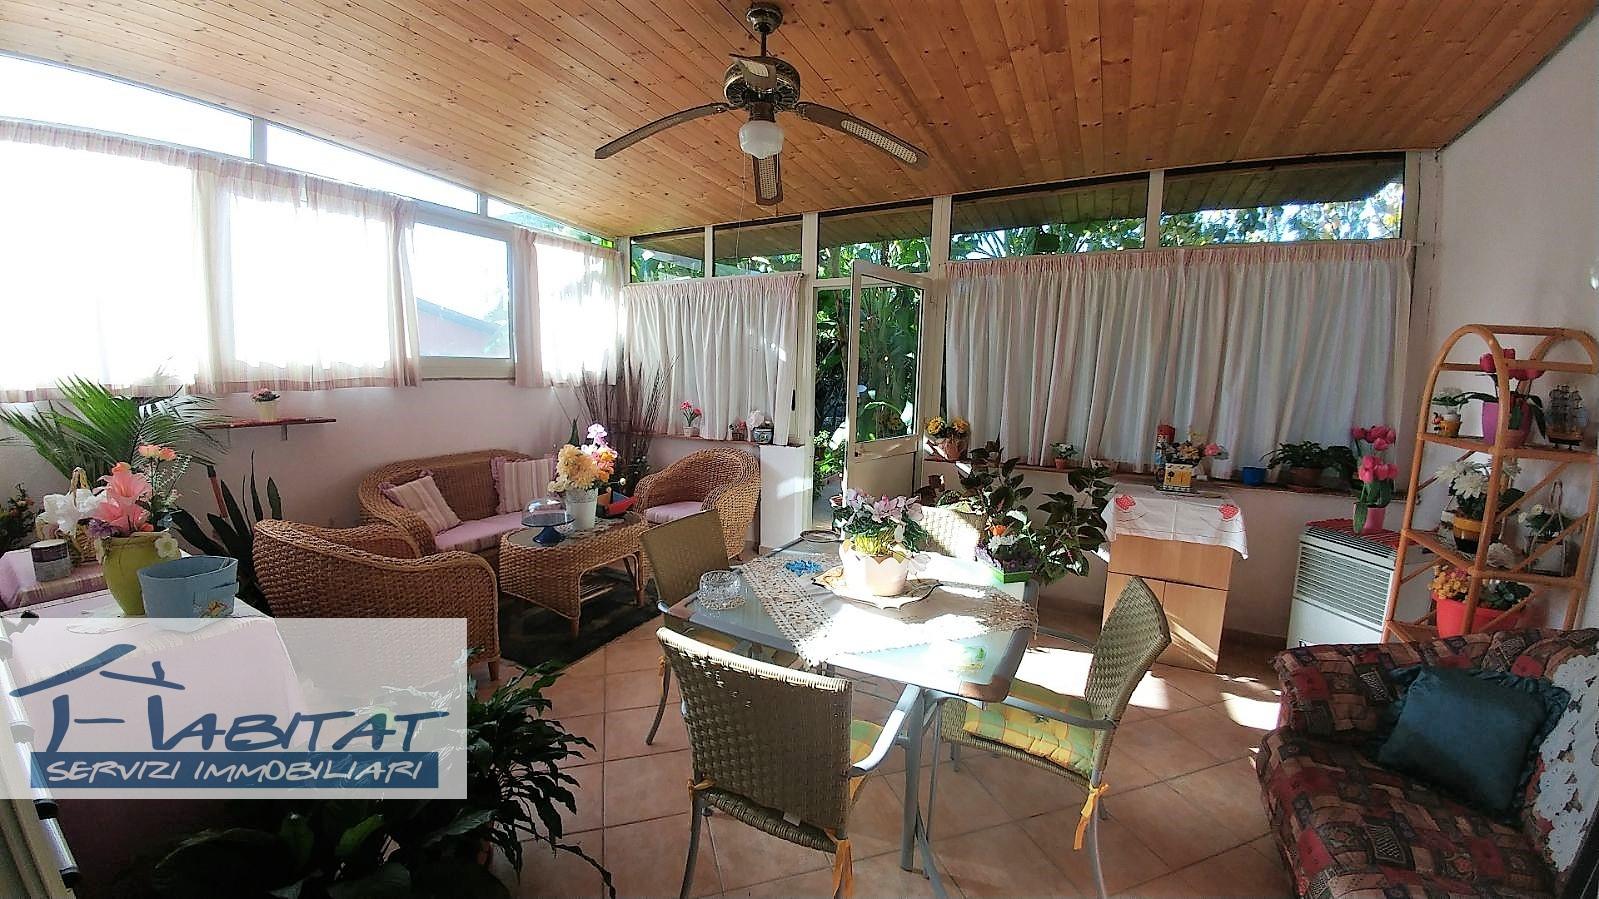 Villa Bifamiliare in vendita a Agrigento, 5 locali, zona Località: VillaggioMosè, prezzo € 150.000   CambioCasa.it